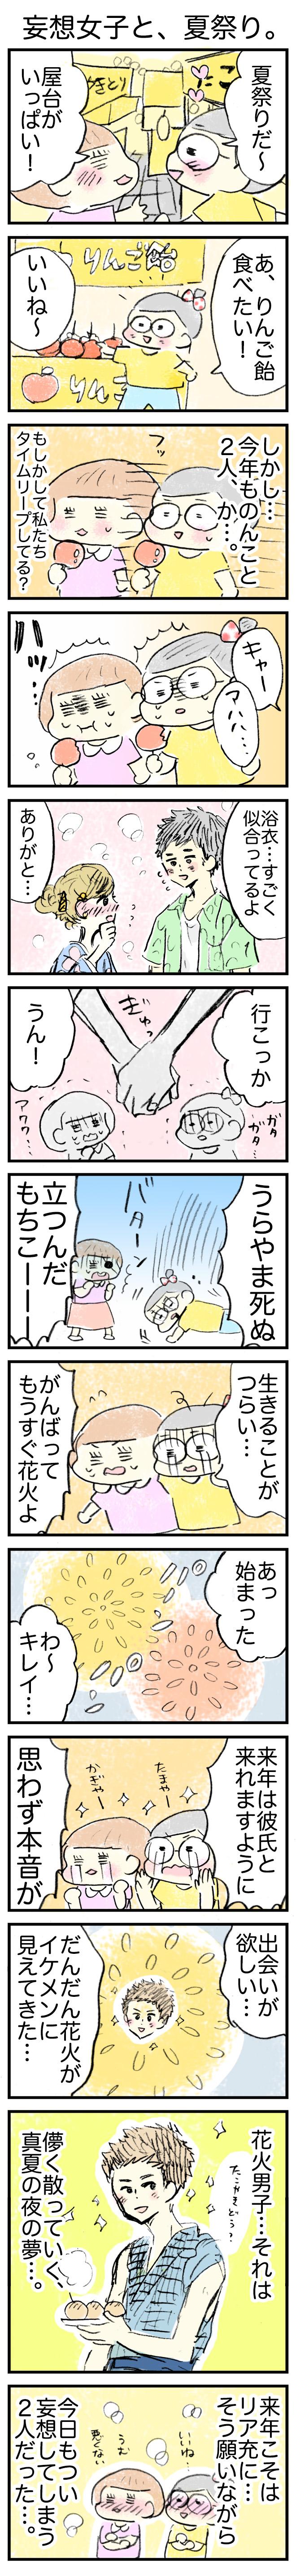 【漫画】妄想女子と、夏祭り。『もちことのんこ』第14回 作:おづまりこ